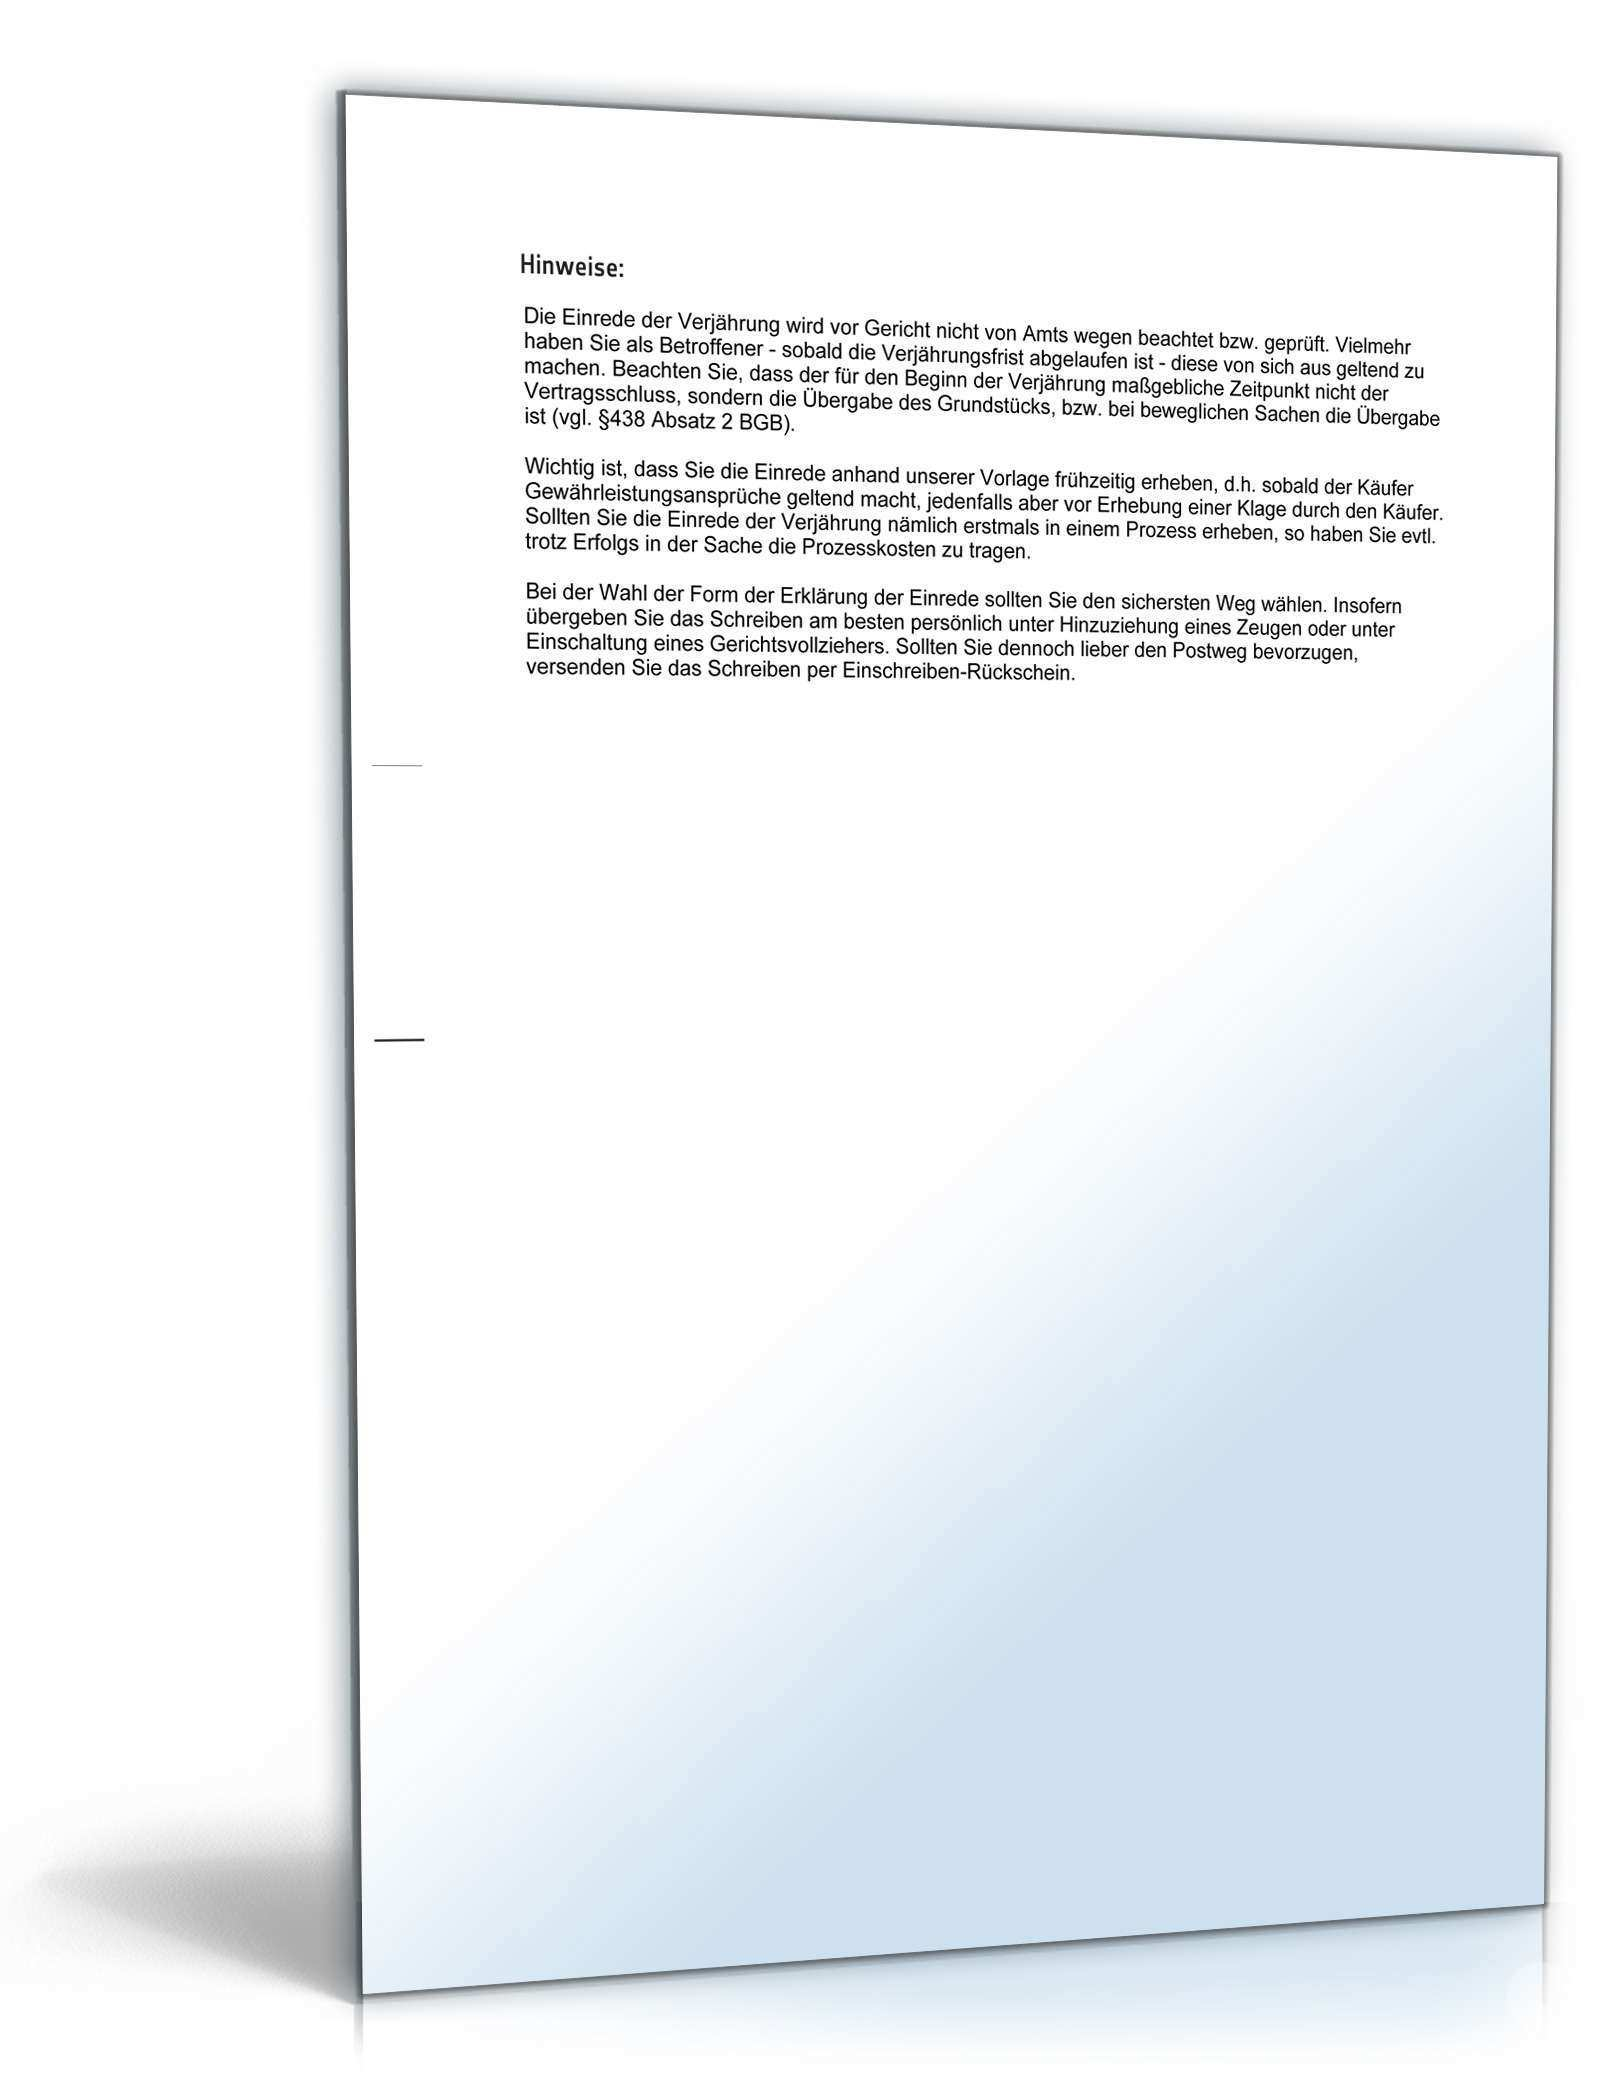 Einrede Der Verjahrung Grundstuckskauf Muster Vorlage Zum Download